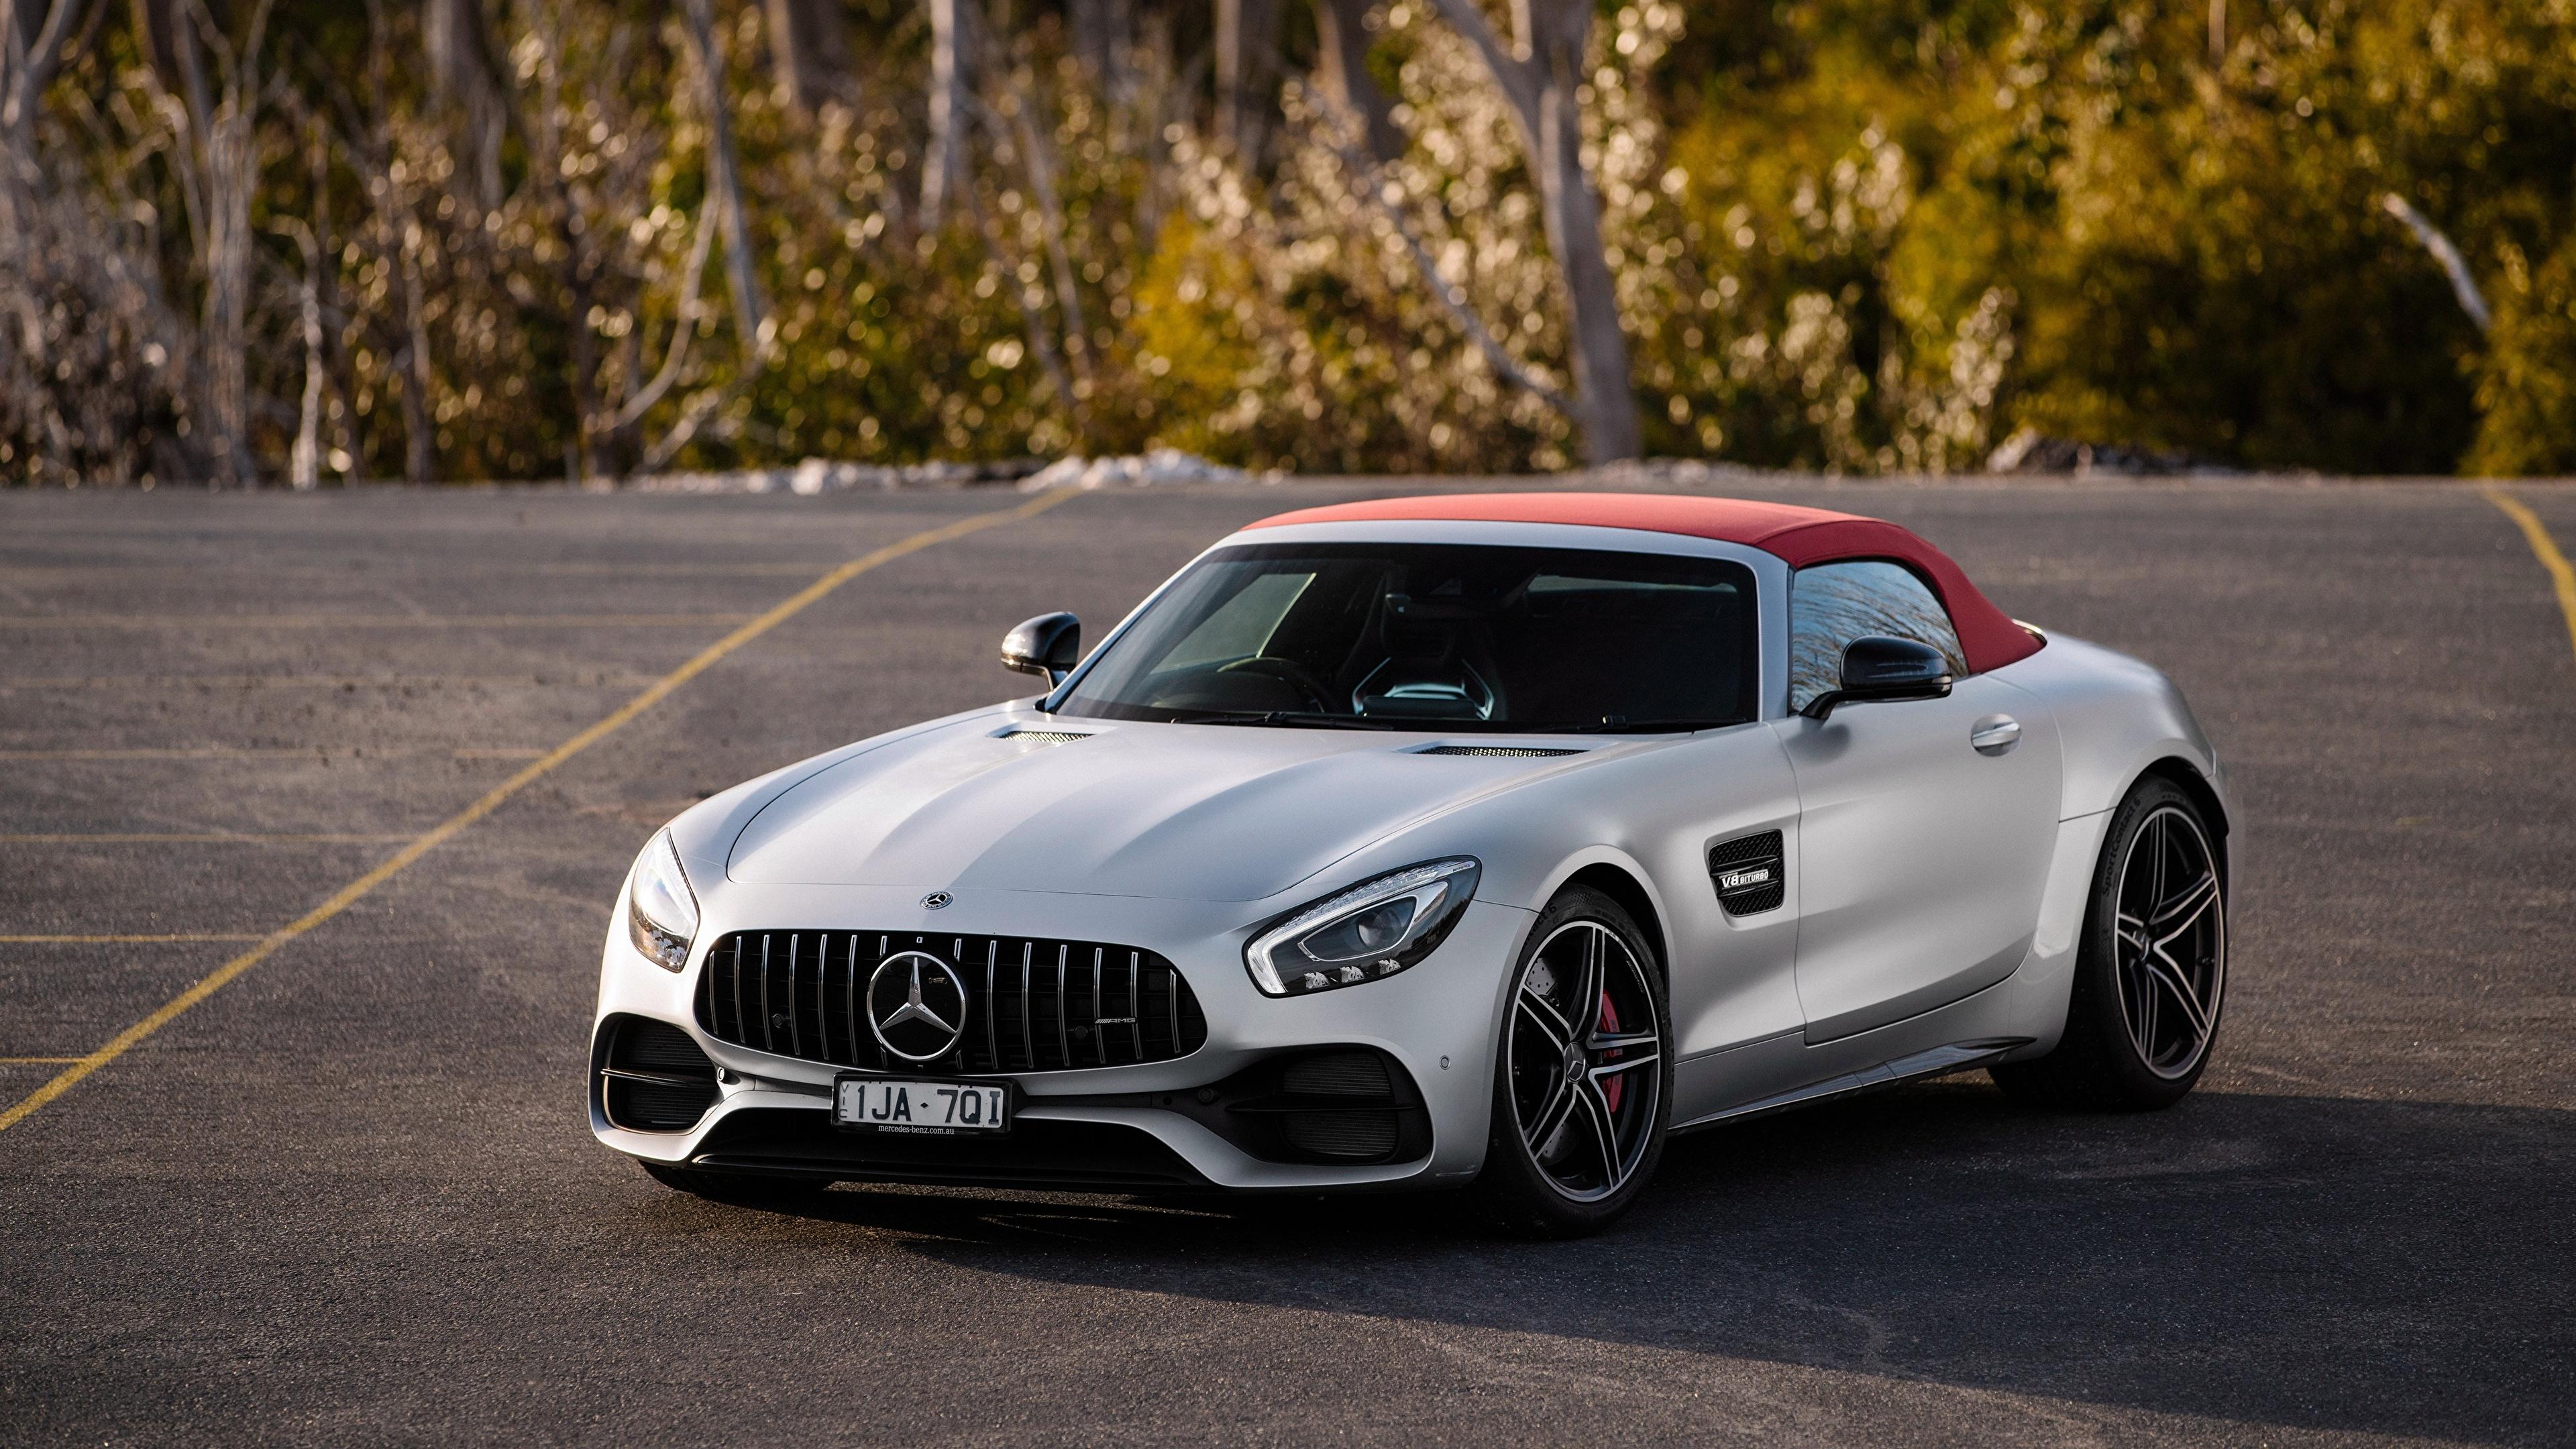 Фотографии Mercedes-Benz AMG 2018 GT C Родстер серебристая Автомобили 3840x2160 Мерседес бенц серебряный серебряная Серебристый авто машина машины автомобиль